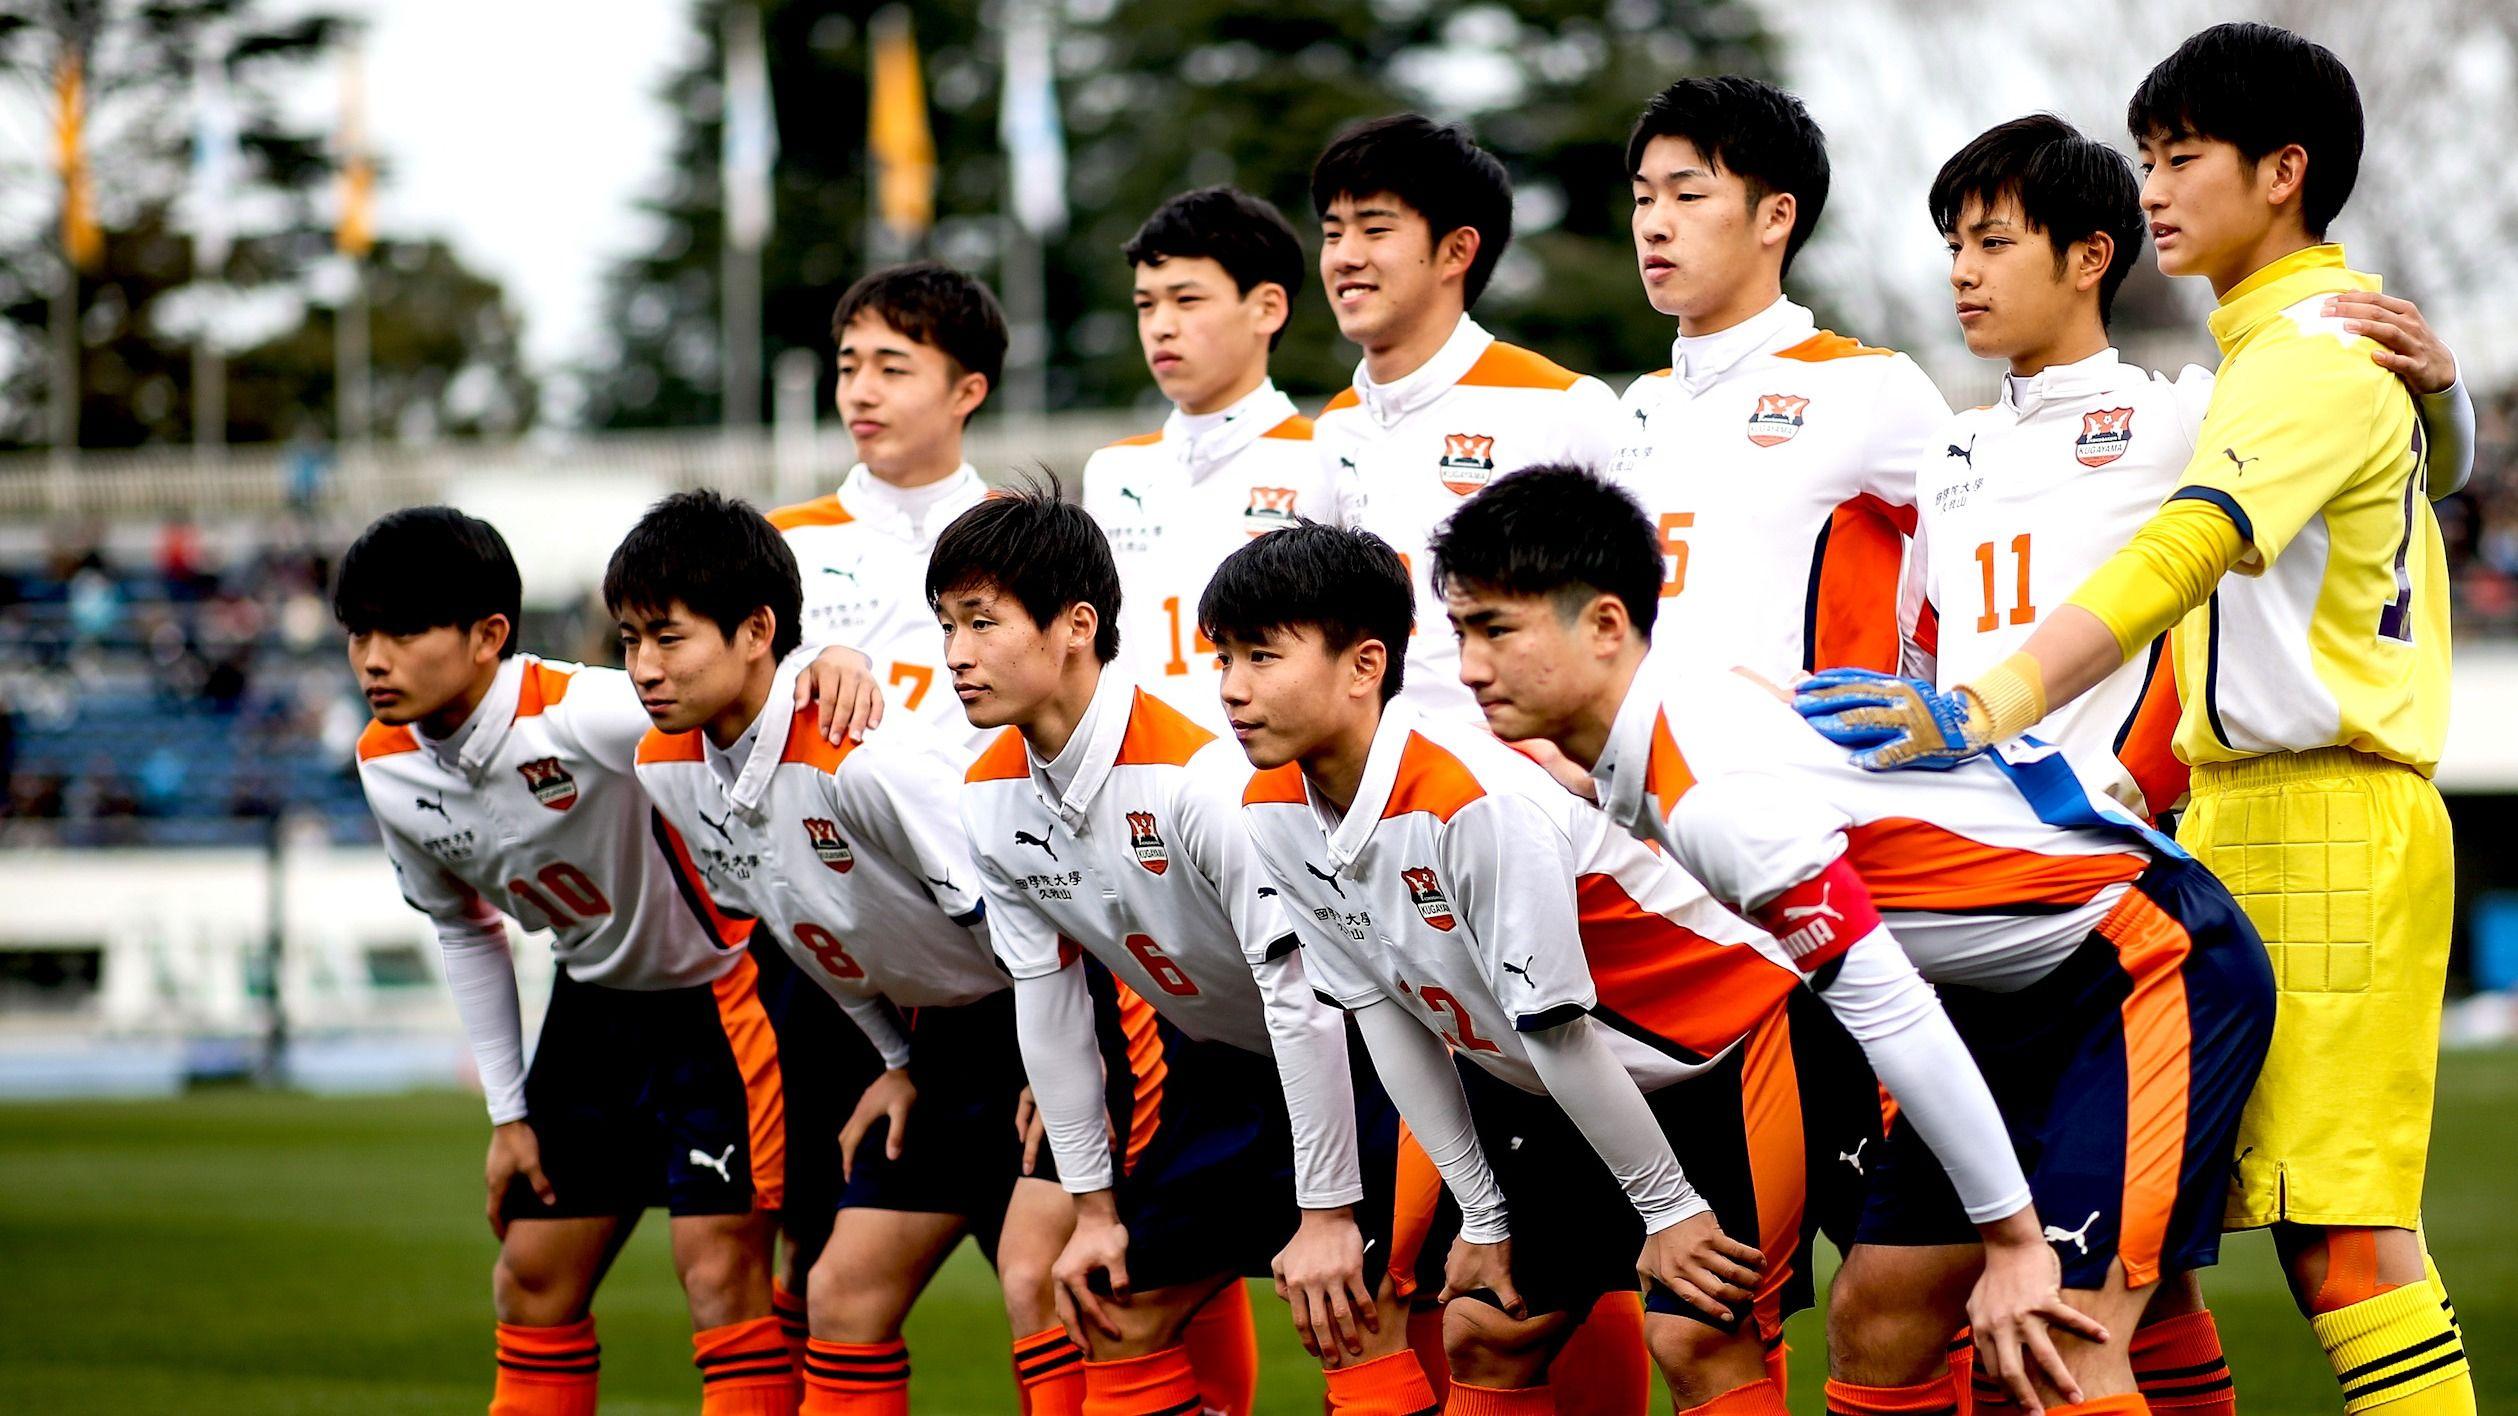 久我山 部 国学院 サッカー 第99回全国高校サッカー選手権東京予選 2次TAブロック準決勝